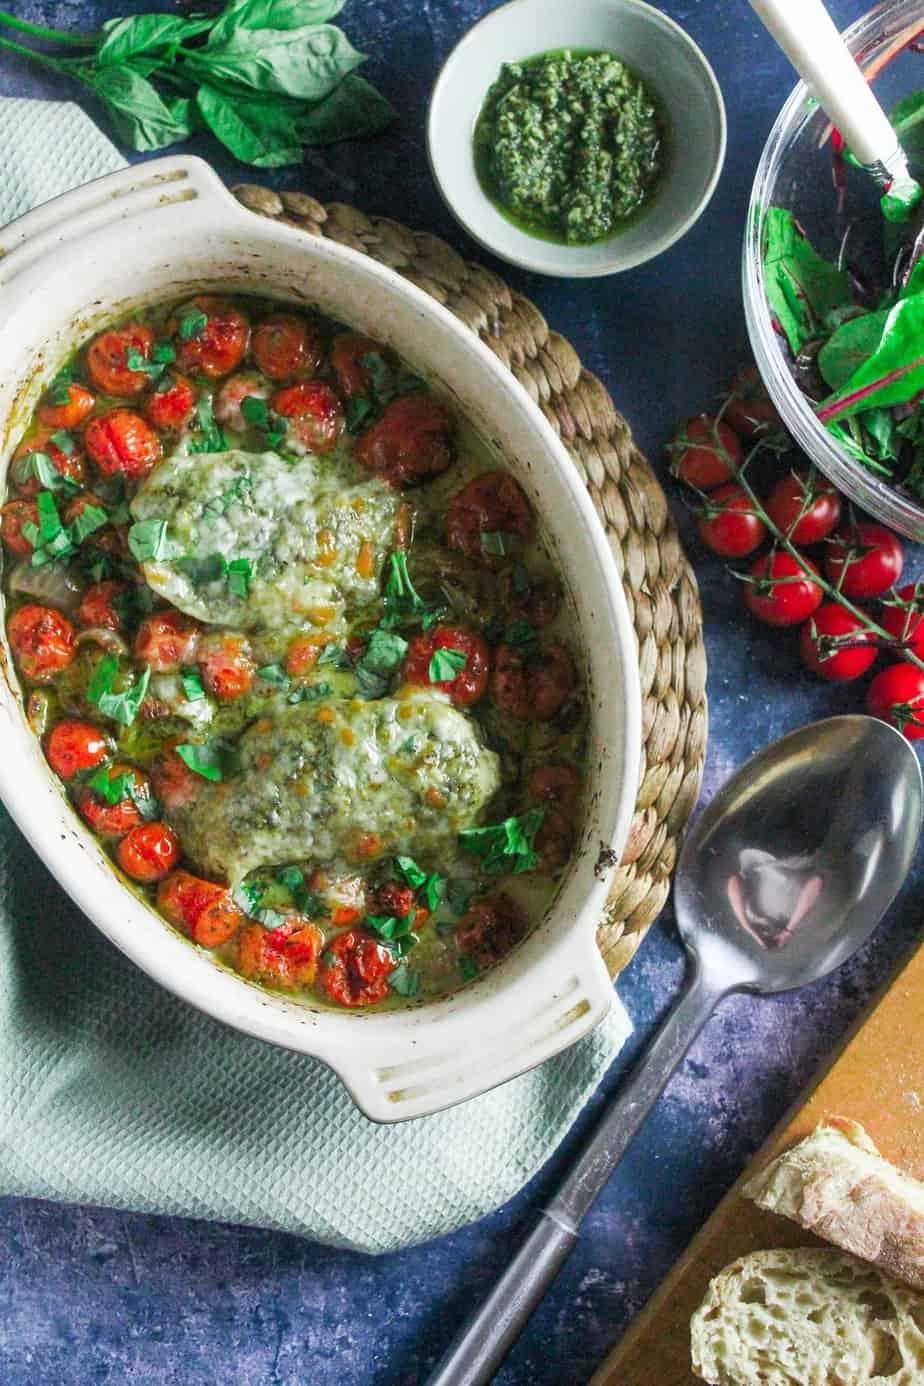 Pesto Chicken Traybake with Tomato and Mozzarella